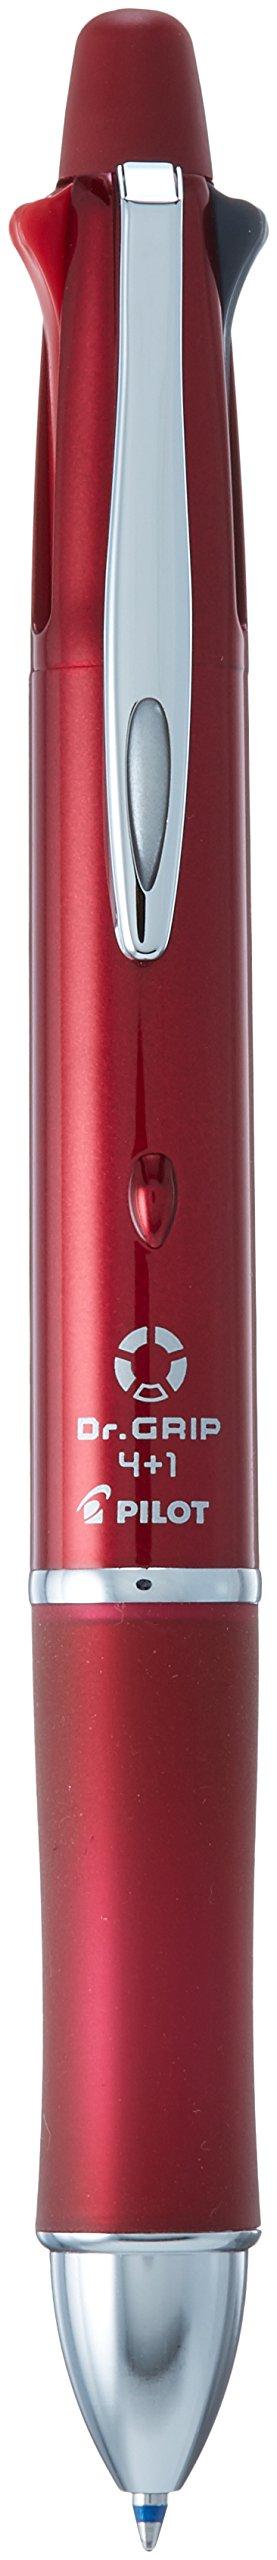 Pilot Dr. Grip 4+1, 4 Color 0.7 mm Ballpoint Multi Pen & 0.5 mm Mechanical Pencil - Bordeaux Body (BKHDF1SFN-BO)